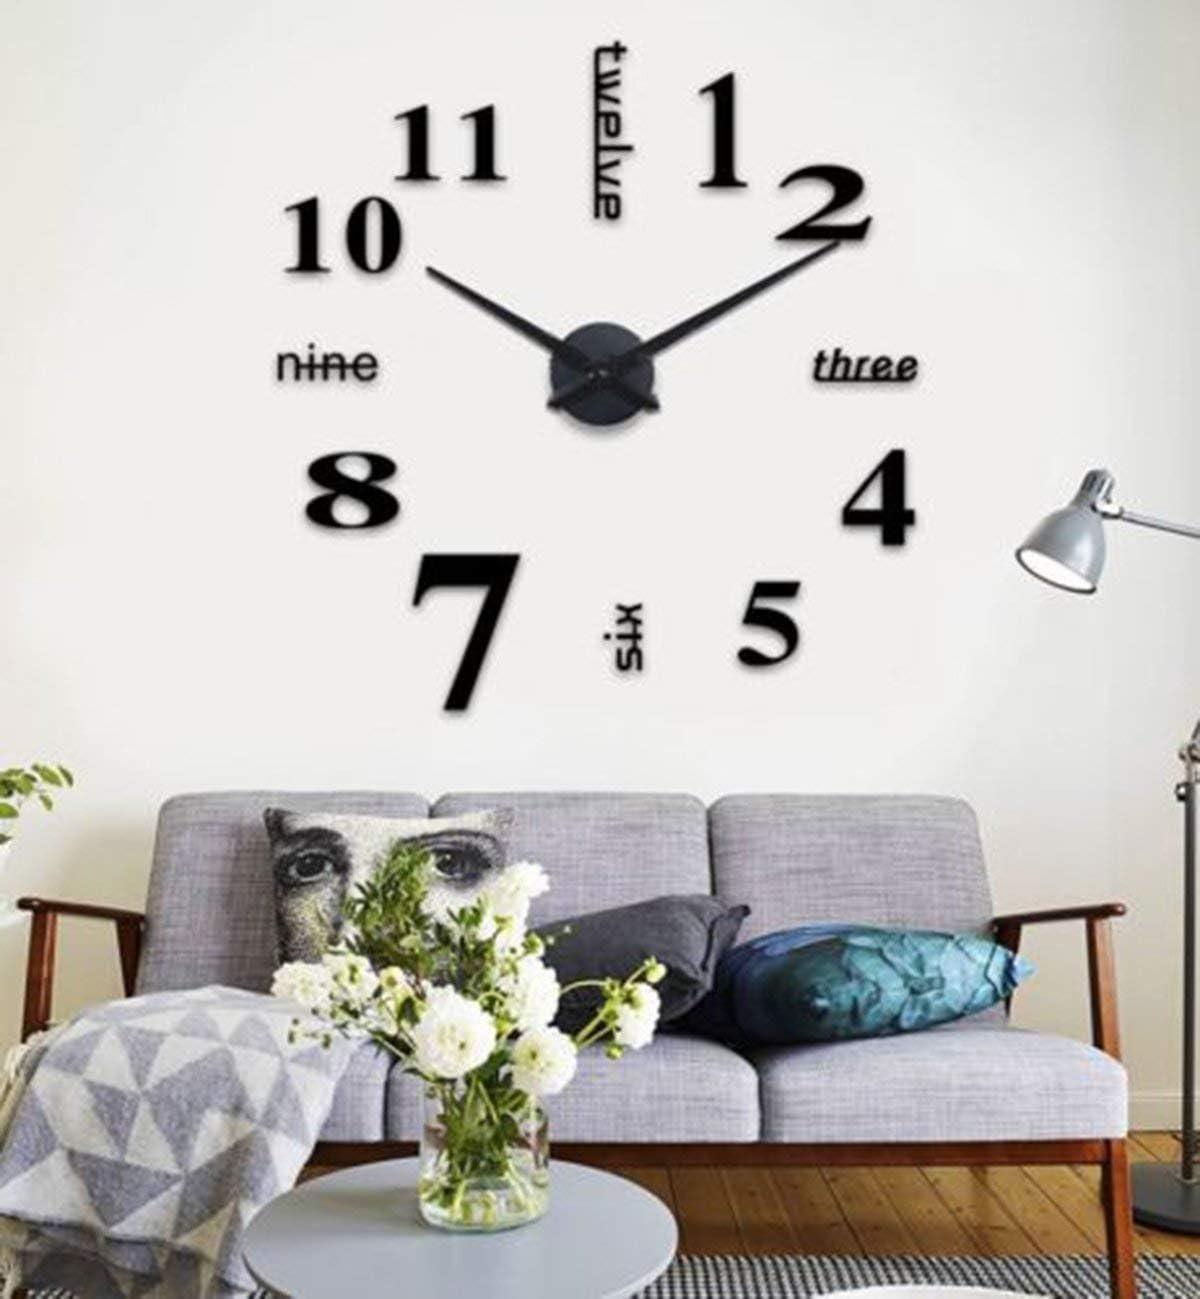 Noir DIY Creative Amovible Moderne 3D Horloge Murale avec Num/éros Adh/ésif Acrylique pour la D/écoration de La Maison Embellissement